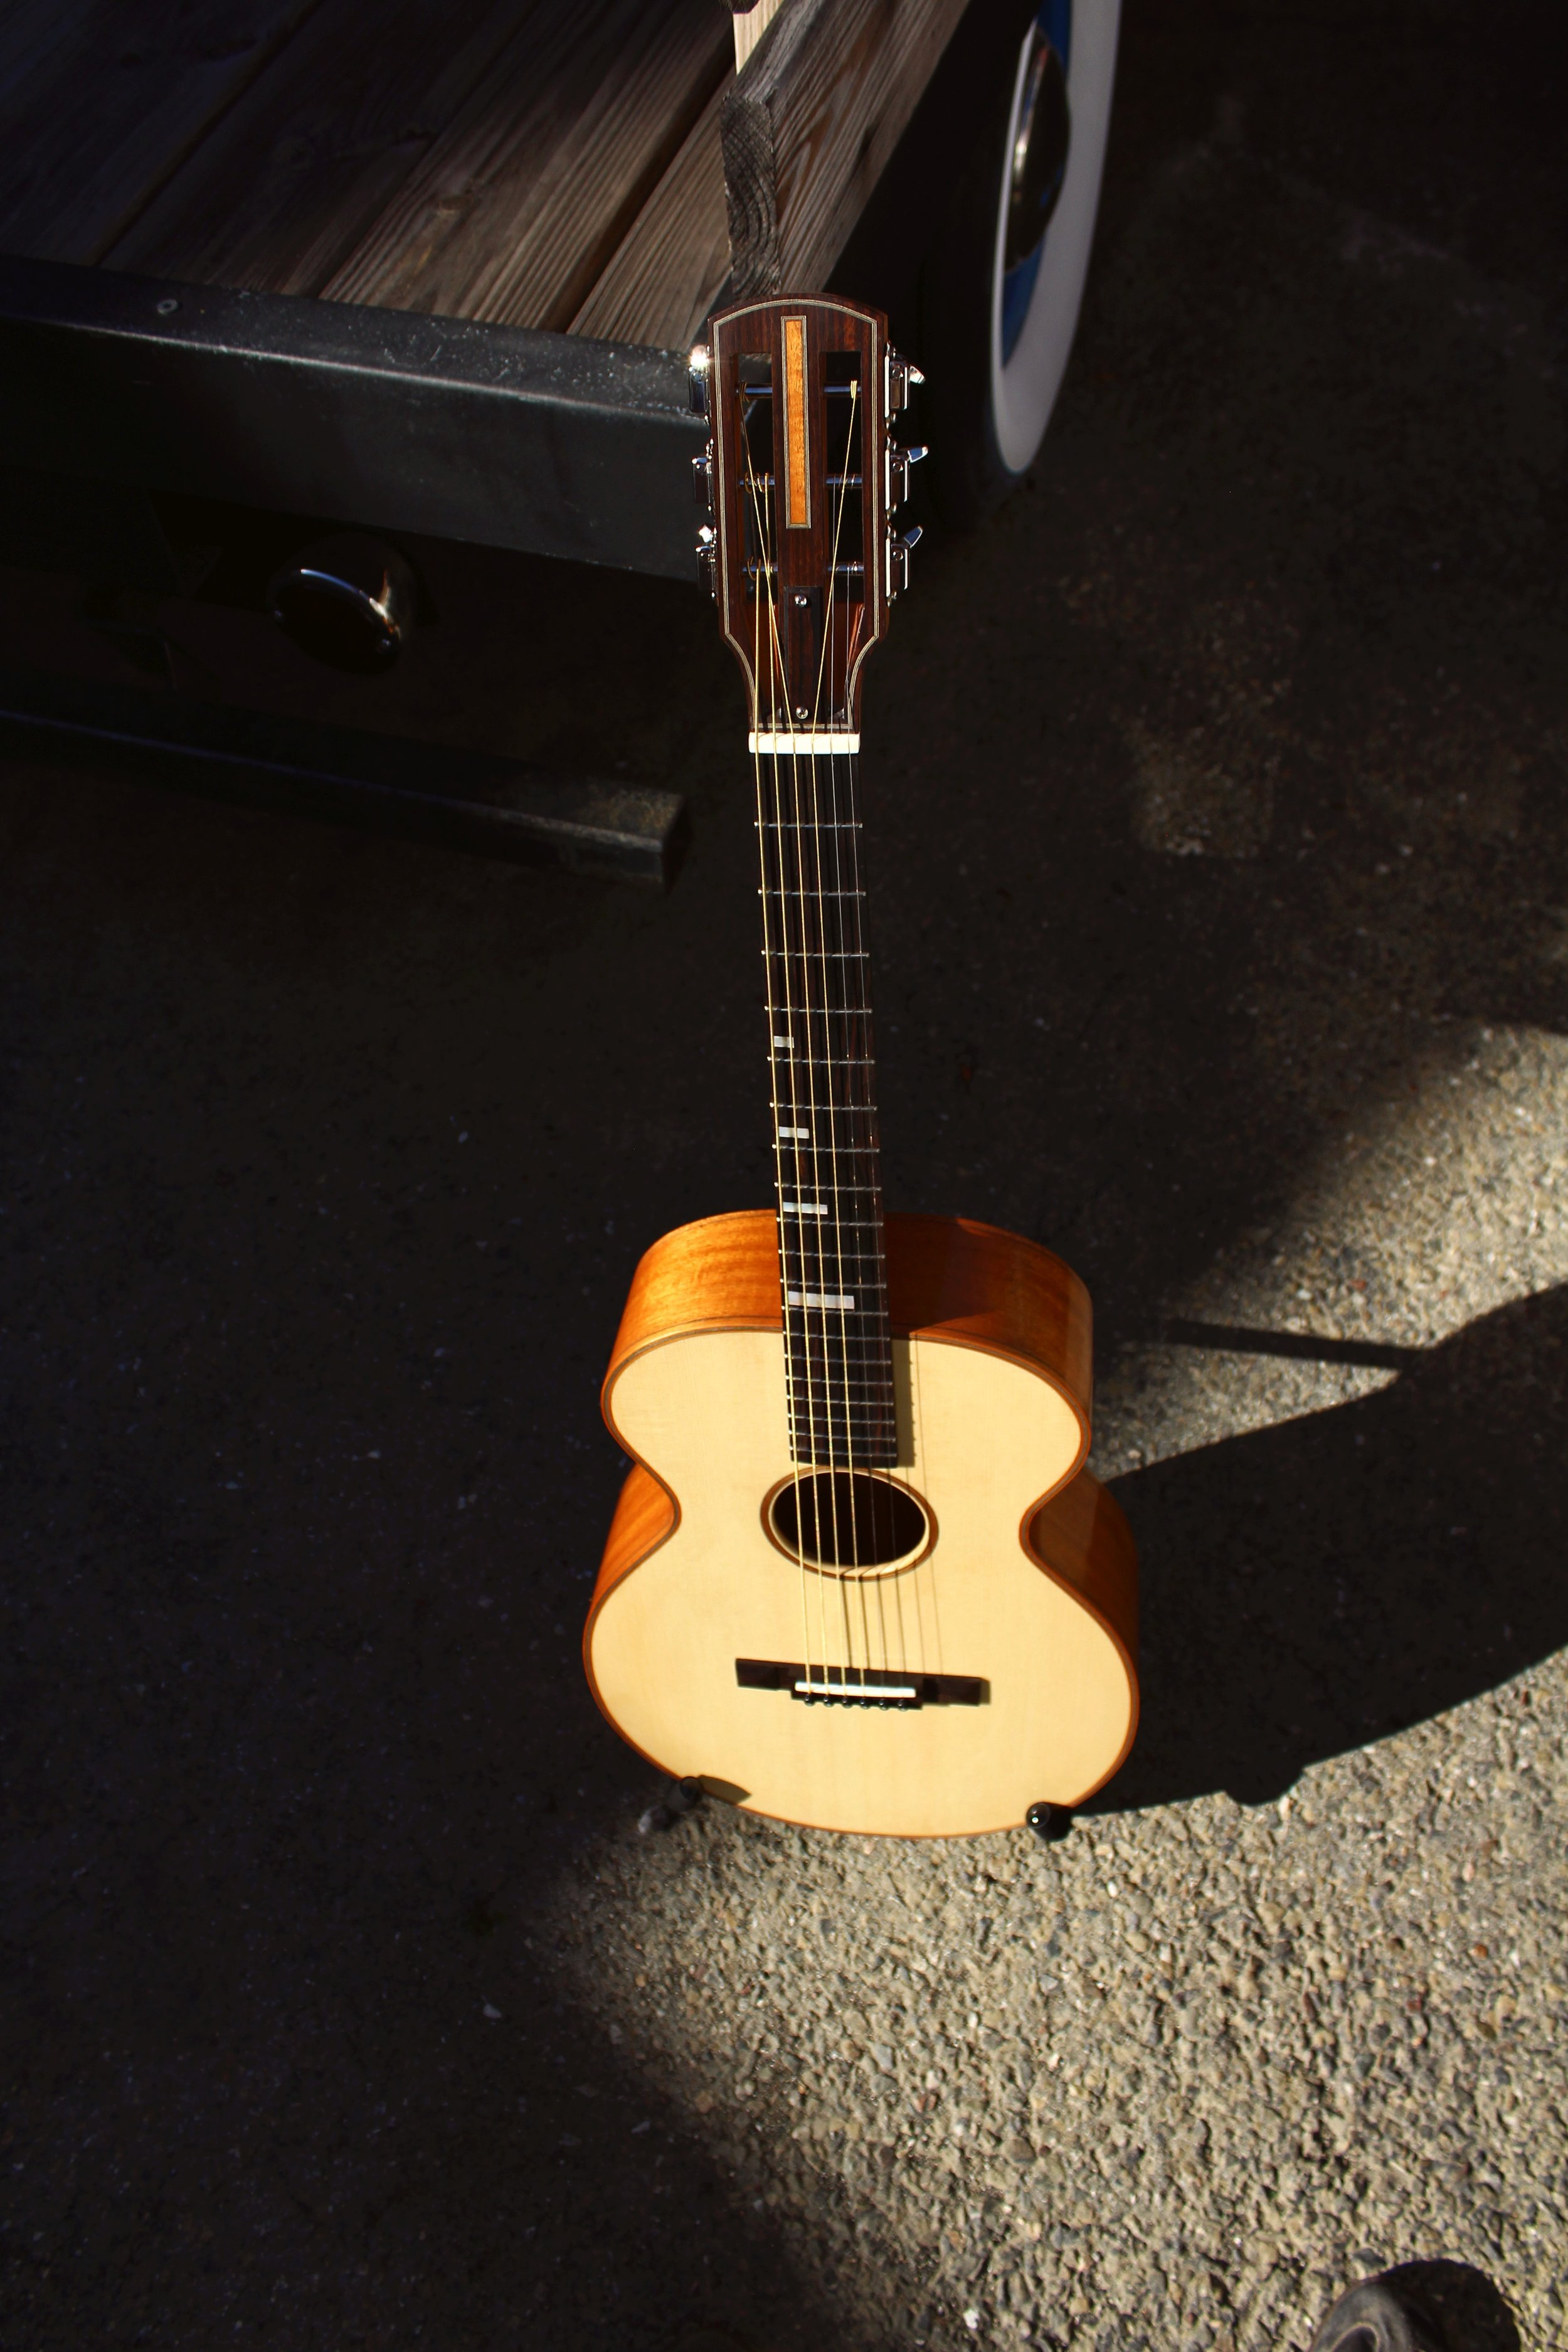 mahogany guitar in sunlight